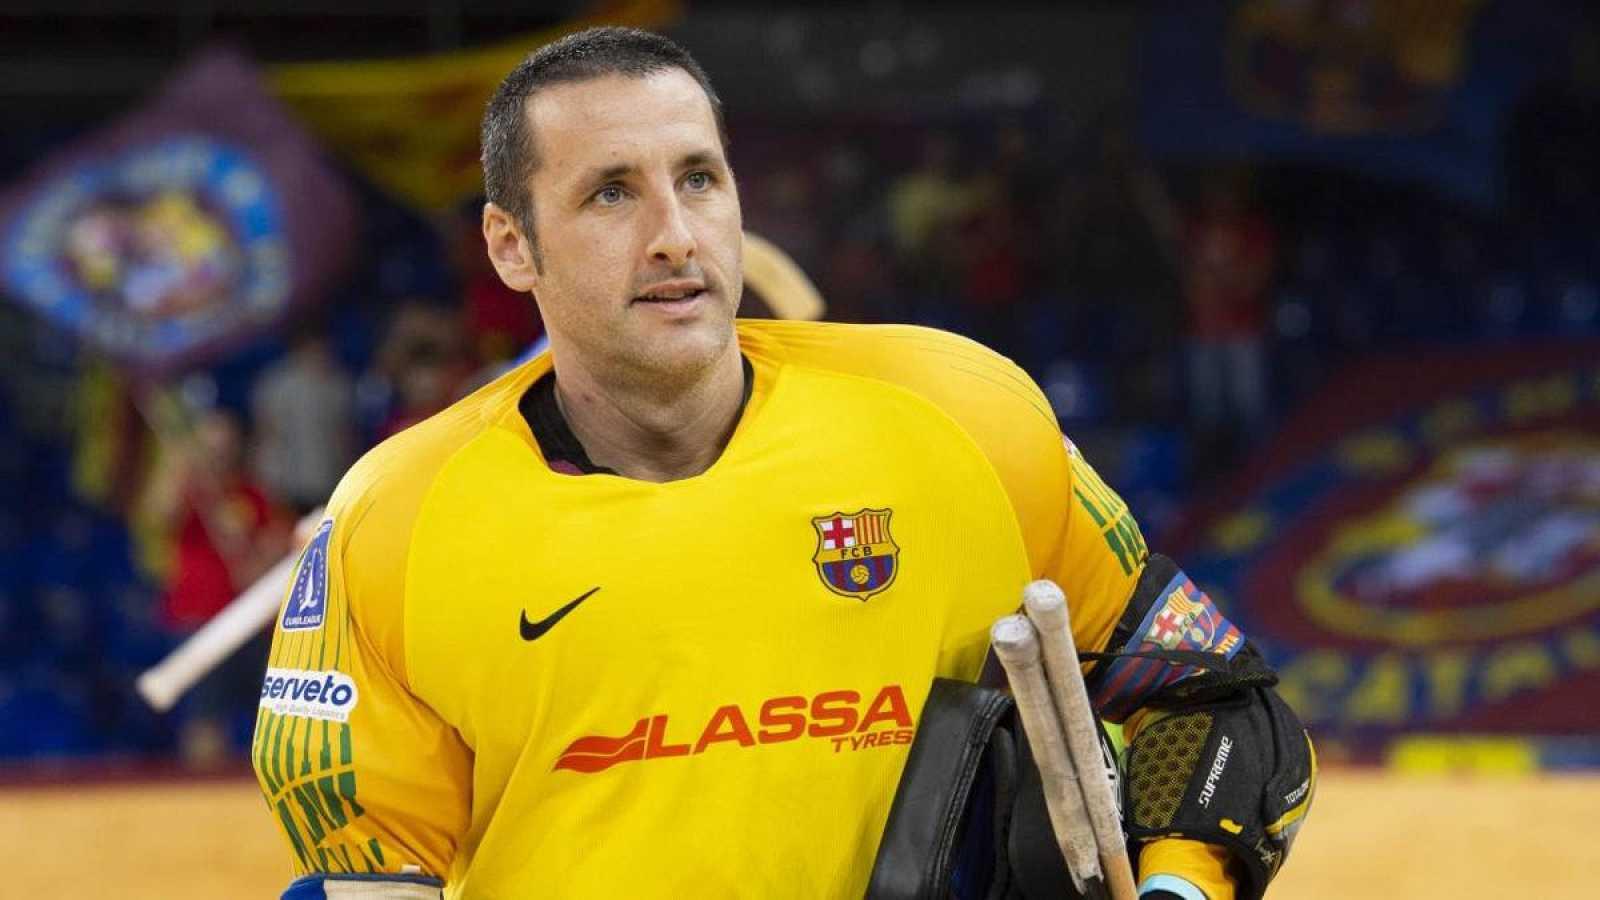 Aitor Egurrola, una leyenda del hockey con sus 75 títulos